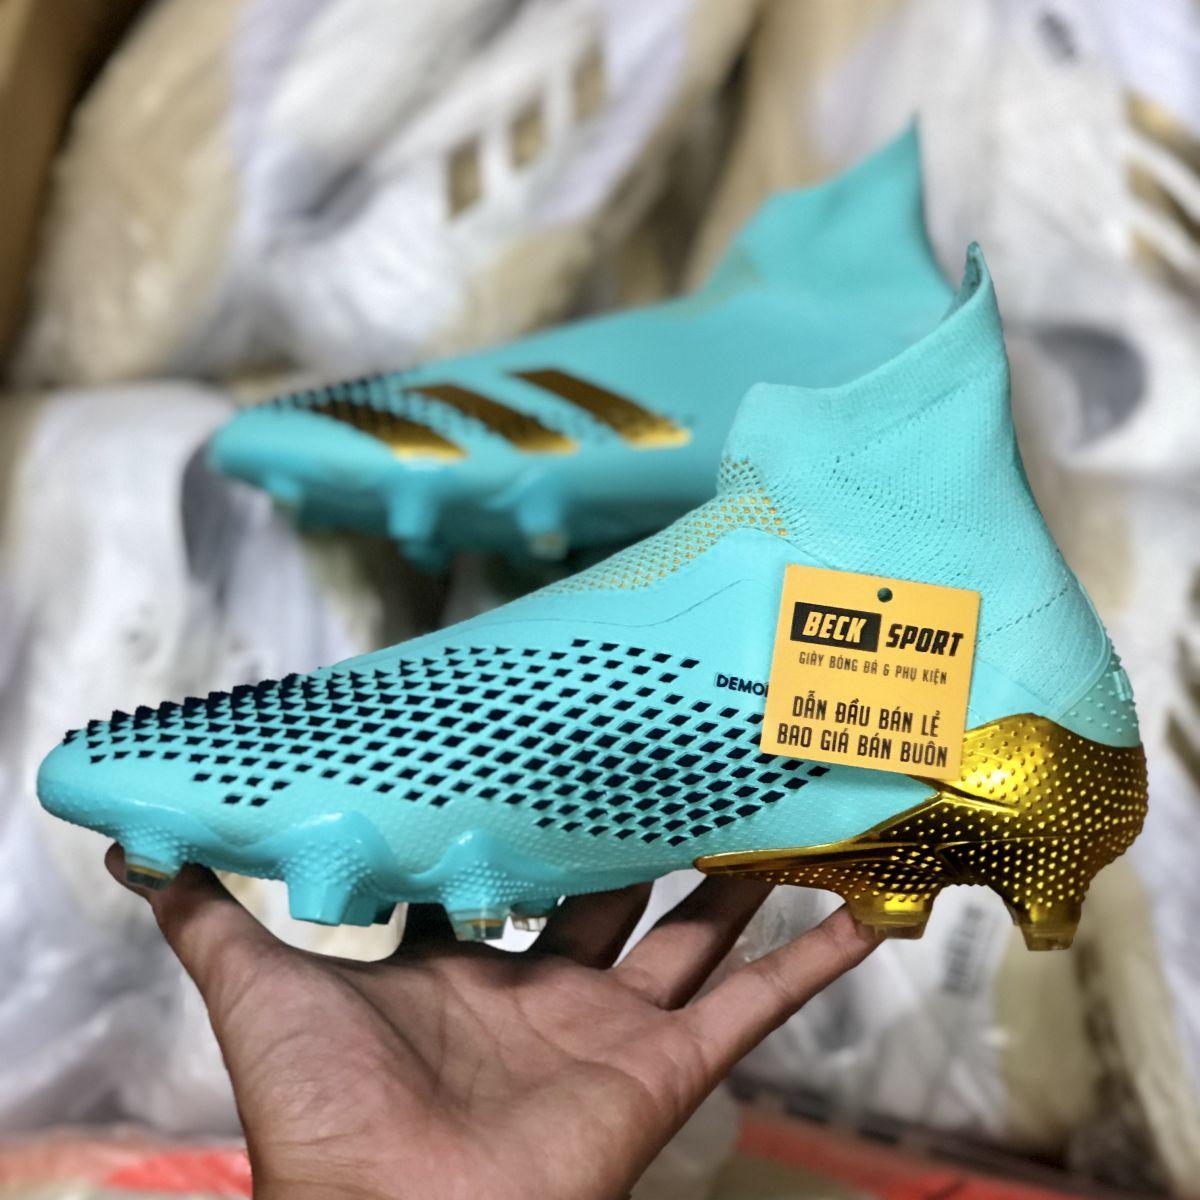 Giày Bóng Đá Adidas Predator 20+ Xanh Ngọc Vạch Vàng Không Dây Cổ Cao FG